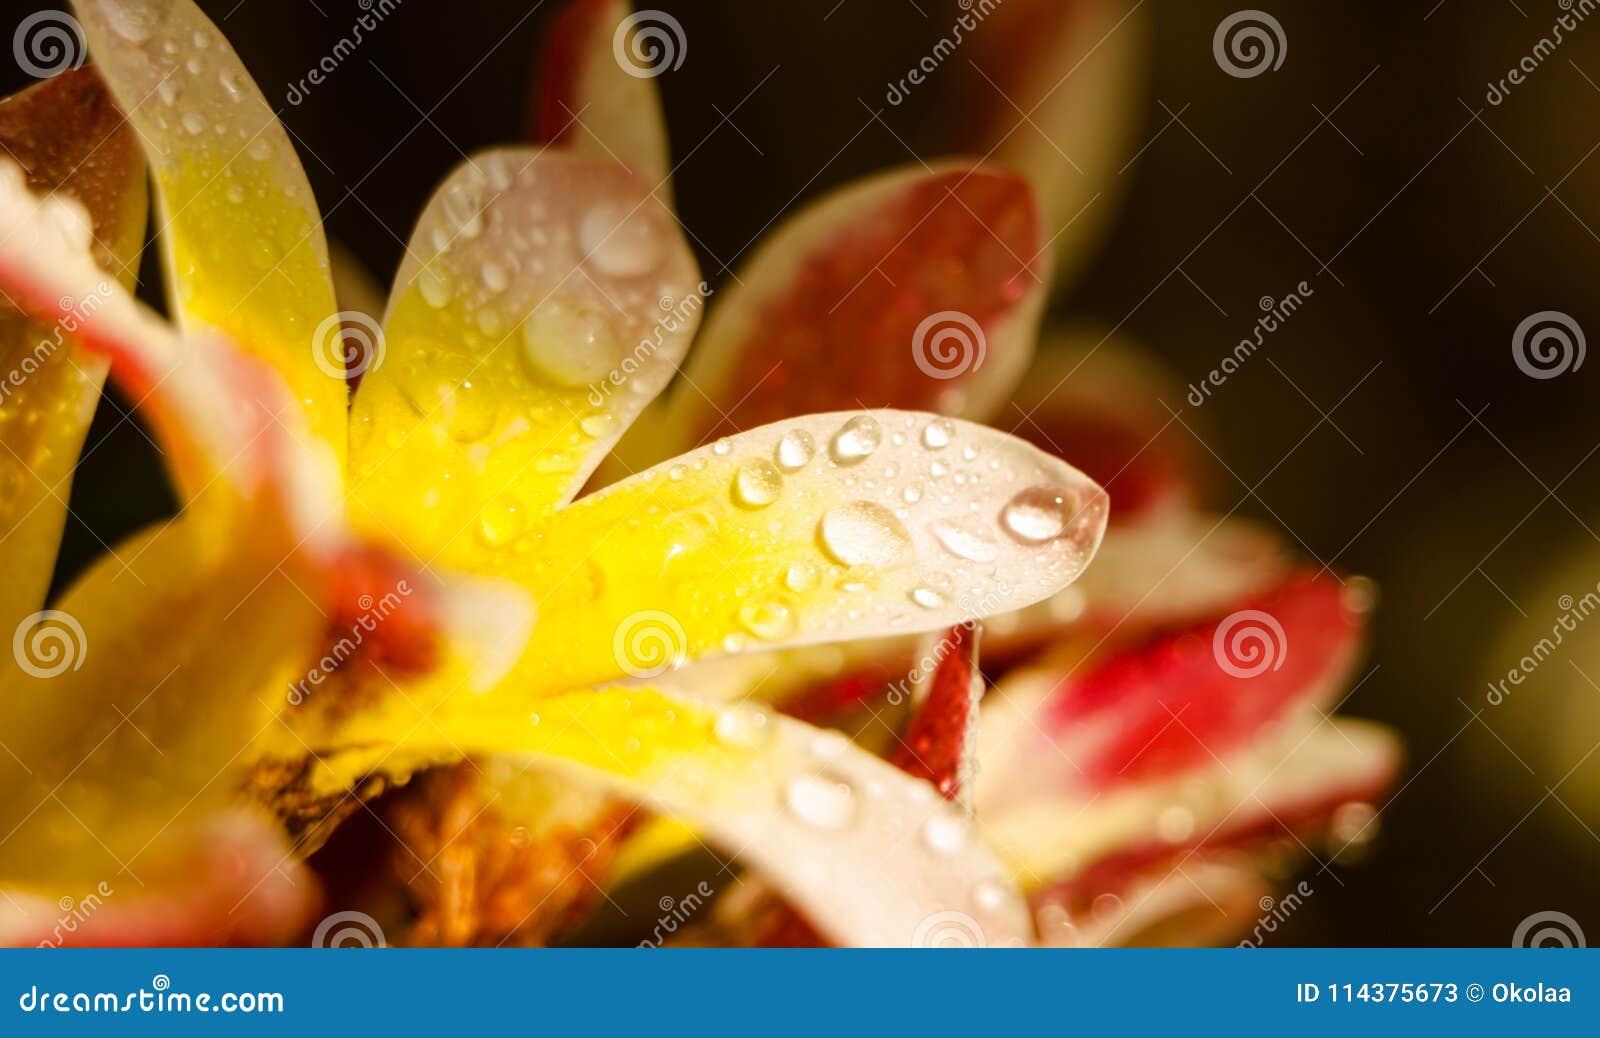 湿花瓣 五颜六色的花卉特写镜头背景